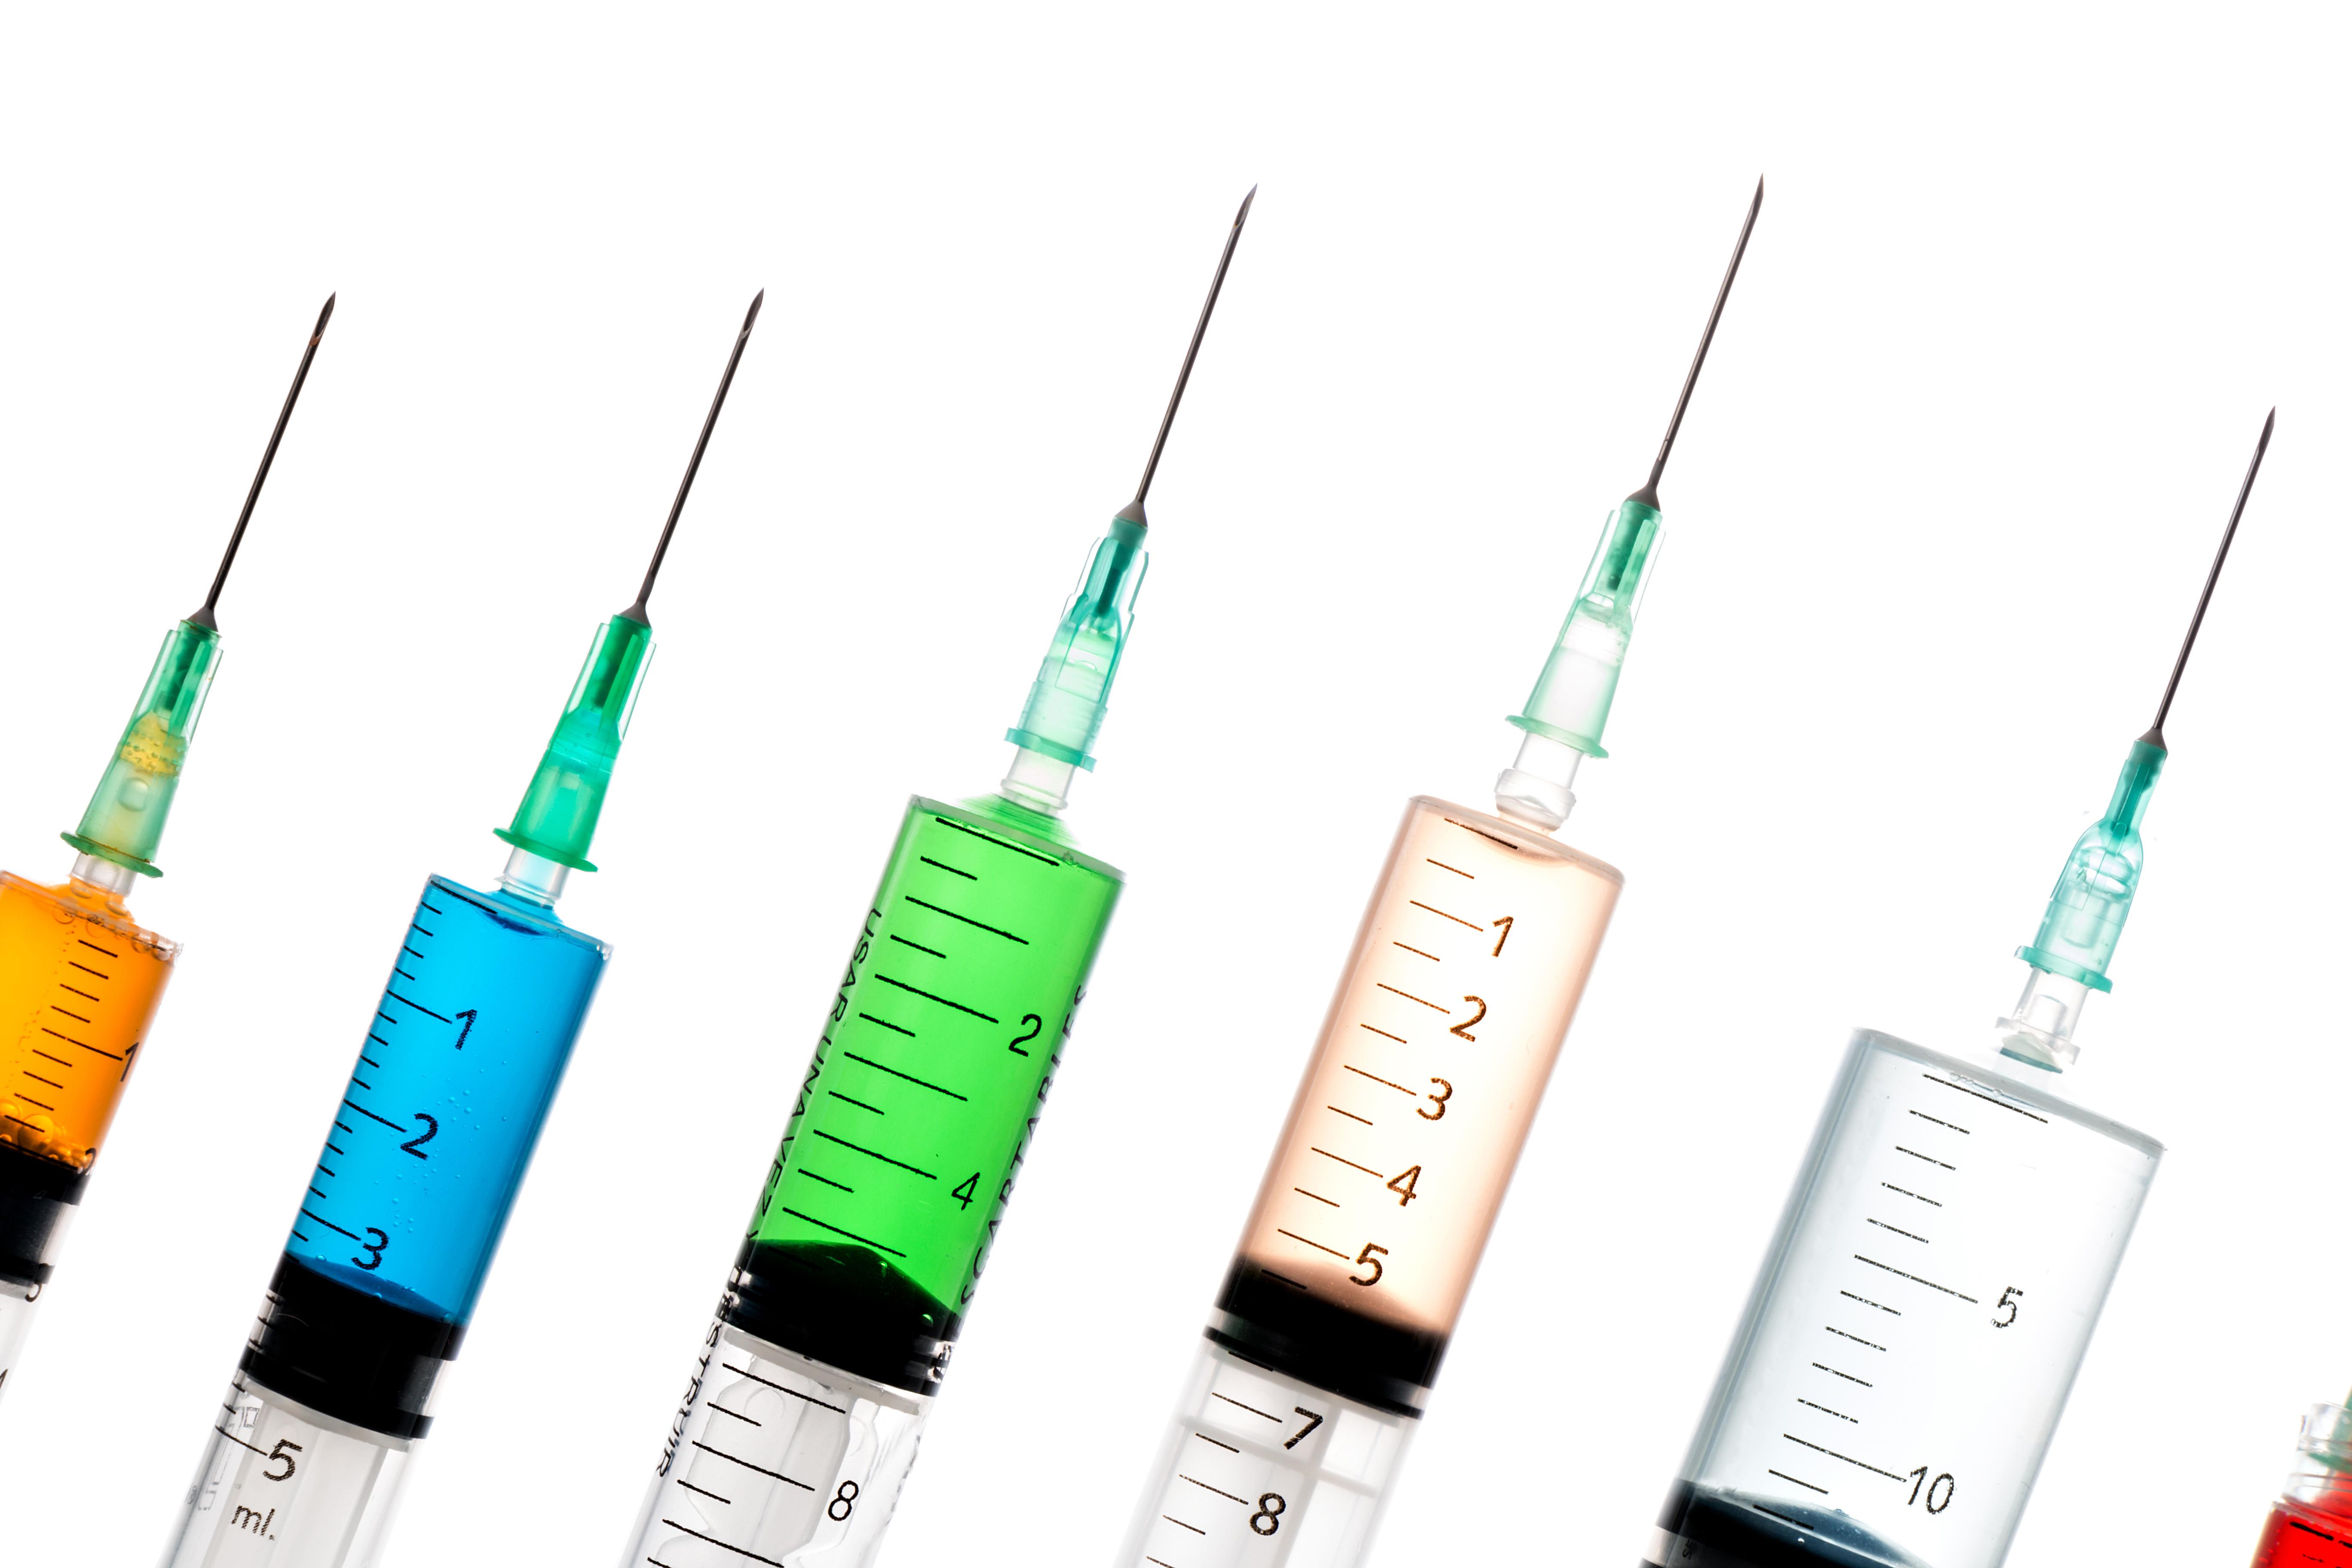 Будущее: вакцины от рака, героина... от чего ещё?